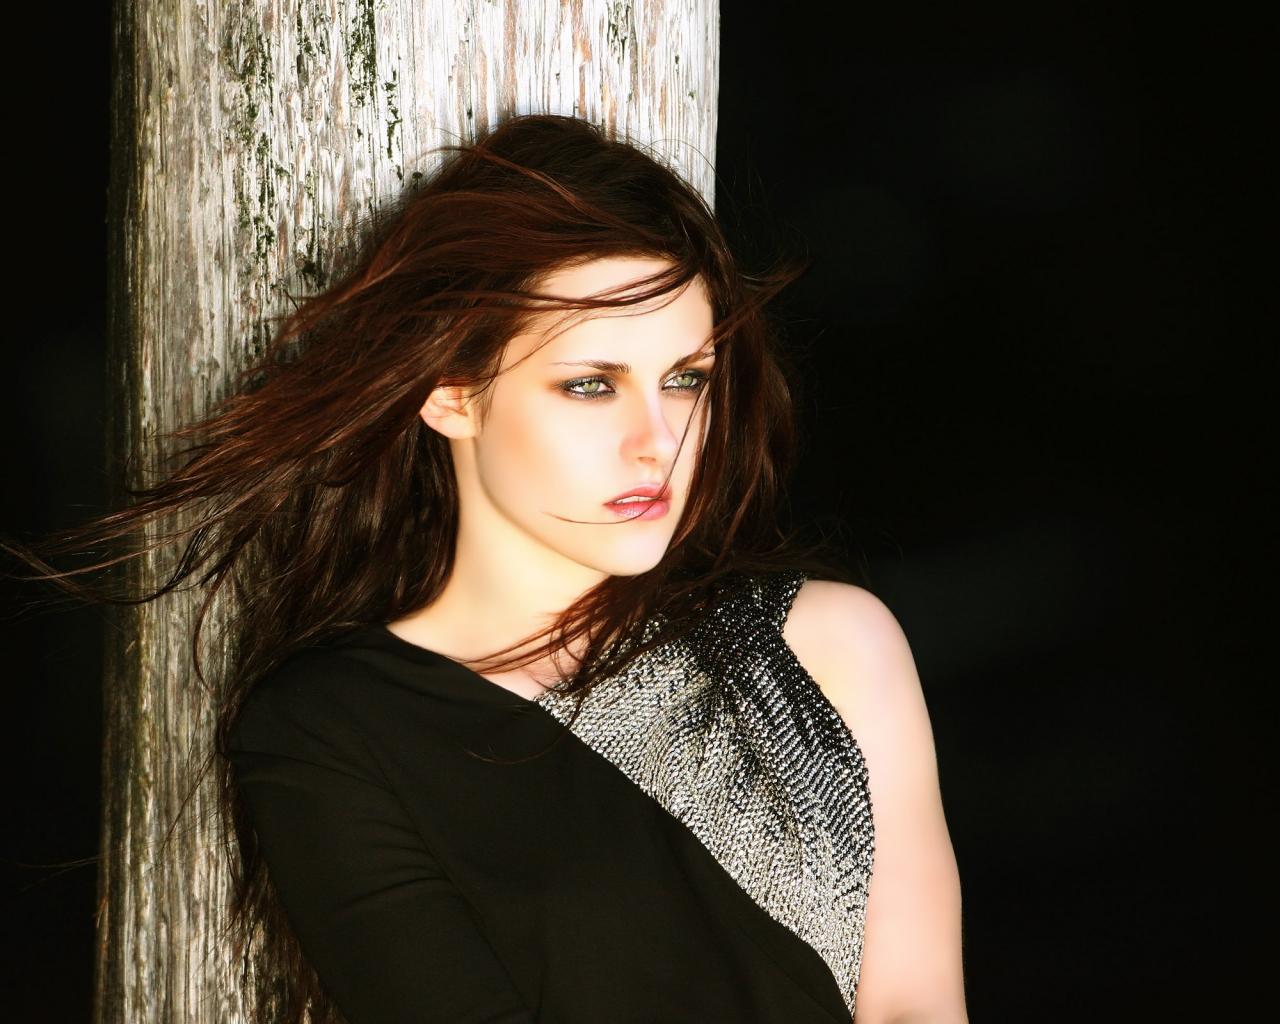 Kristen Stewart 2013 - 1280x1024